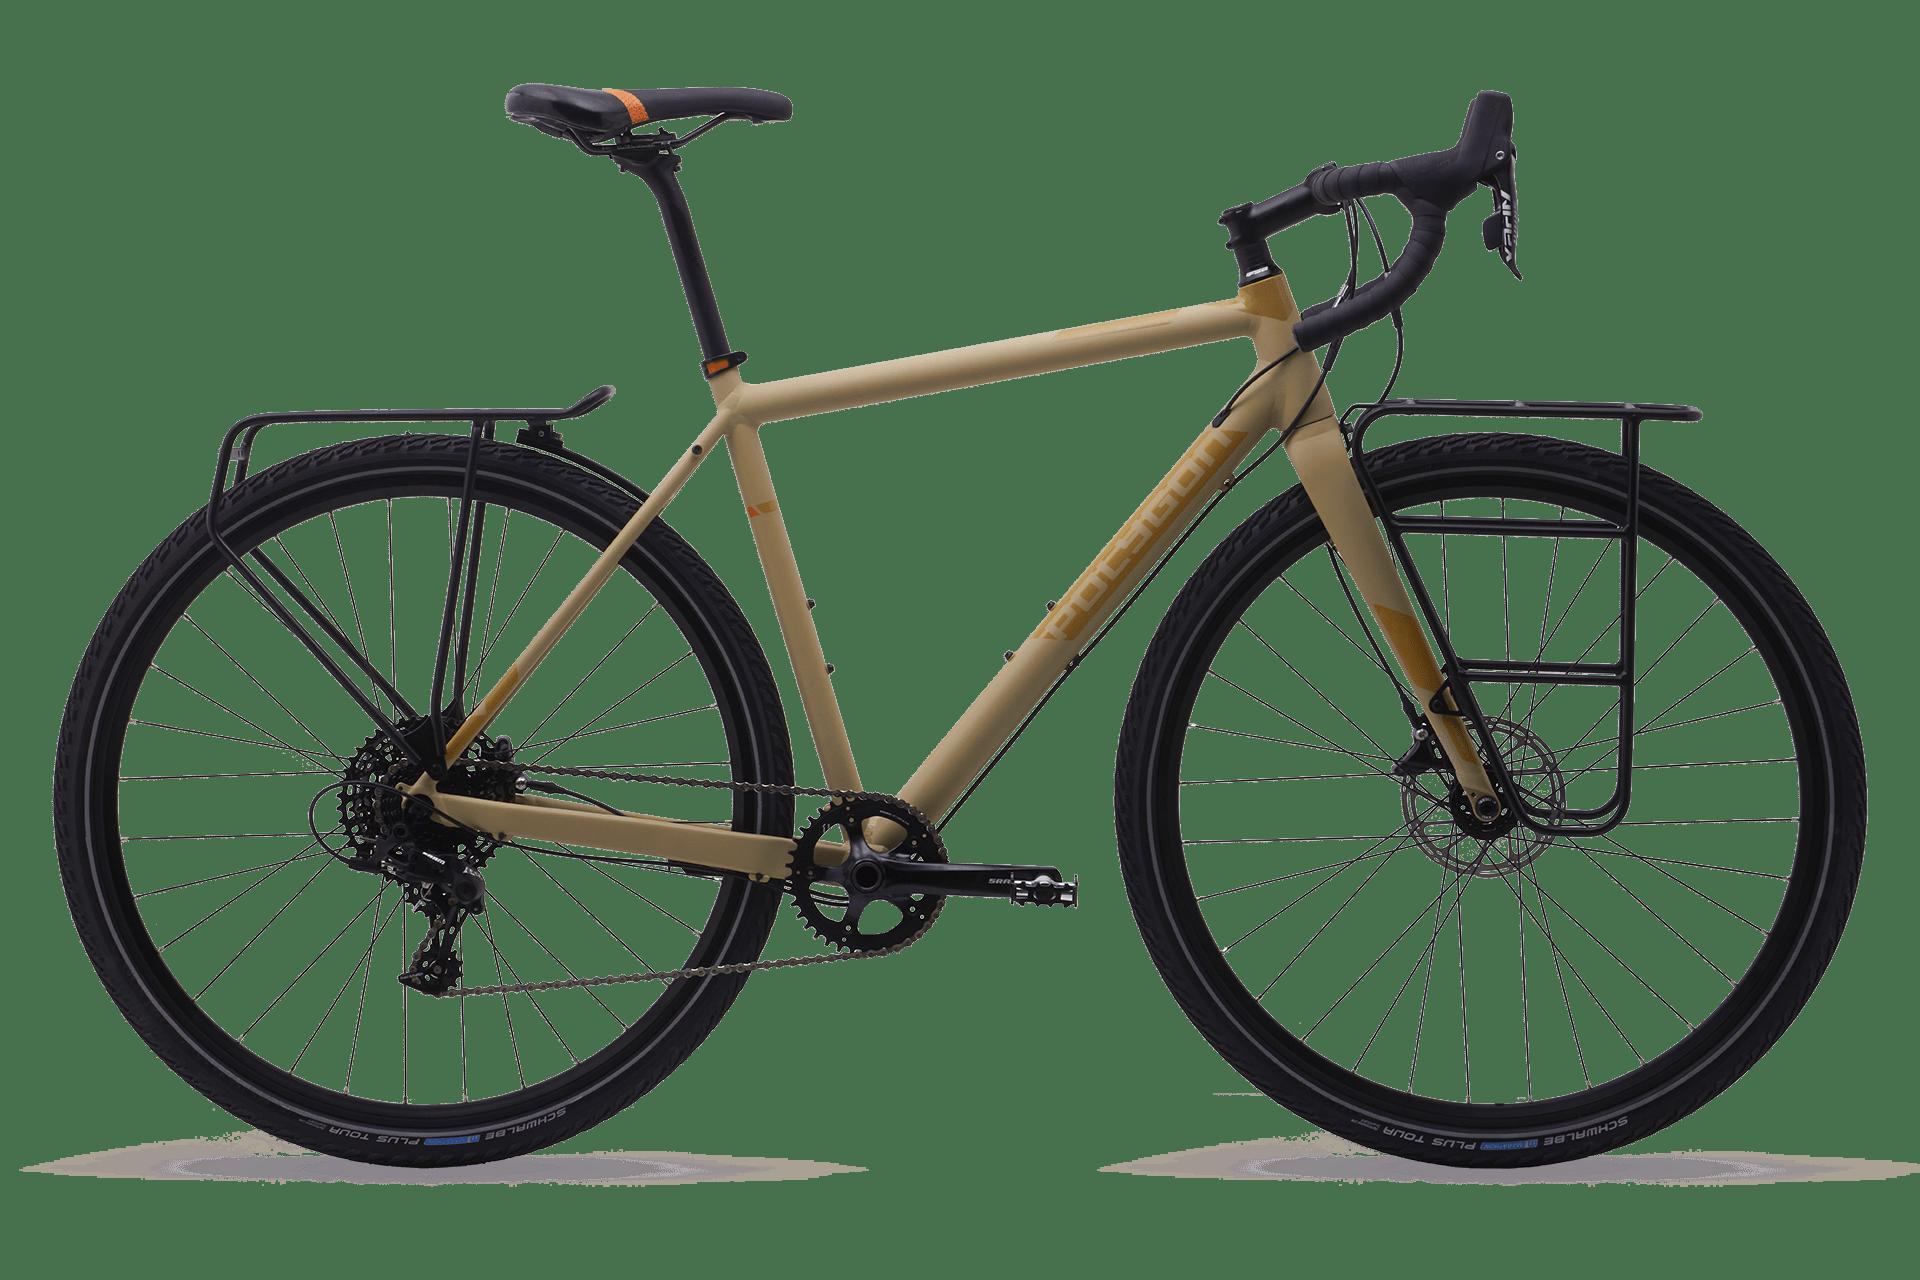 Bend Riv Polygon Bikes